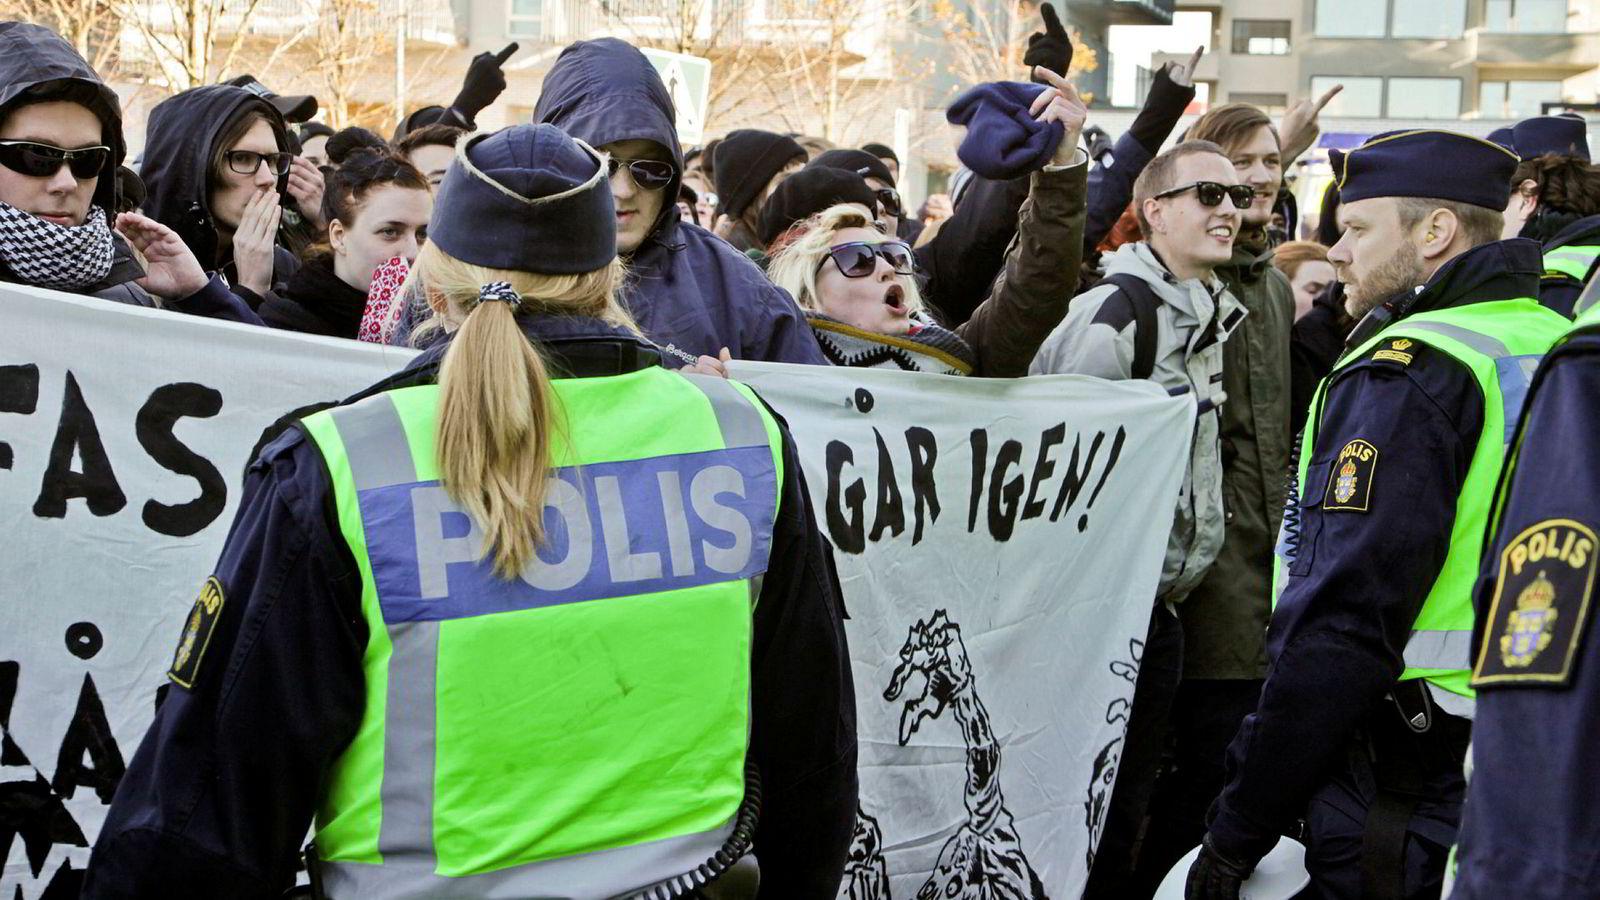 I populistenes fryktpolitikk blir spesielt Sverige med sin tradisjonelt liberal asyl- og innvandringspolitikk fremstilt som en dystopi. Her fra en demonstrasjon i Malmø der den nederlandske partilederen Geert Wilders deltok på et møte i regi av svenske Tryckfrihetsförbundet.